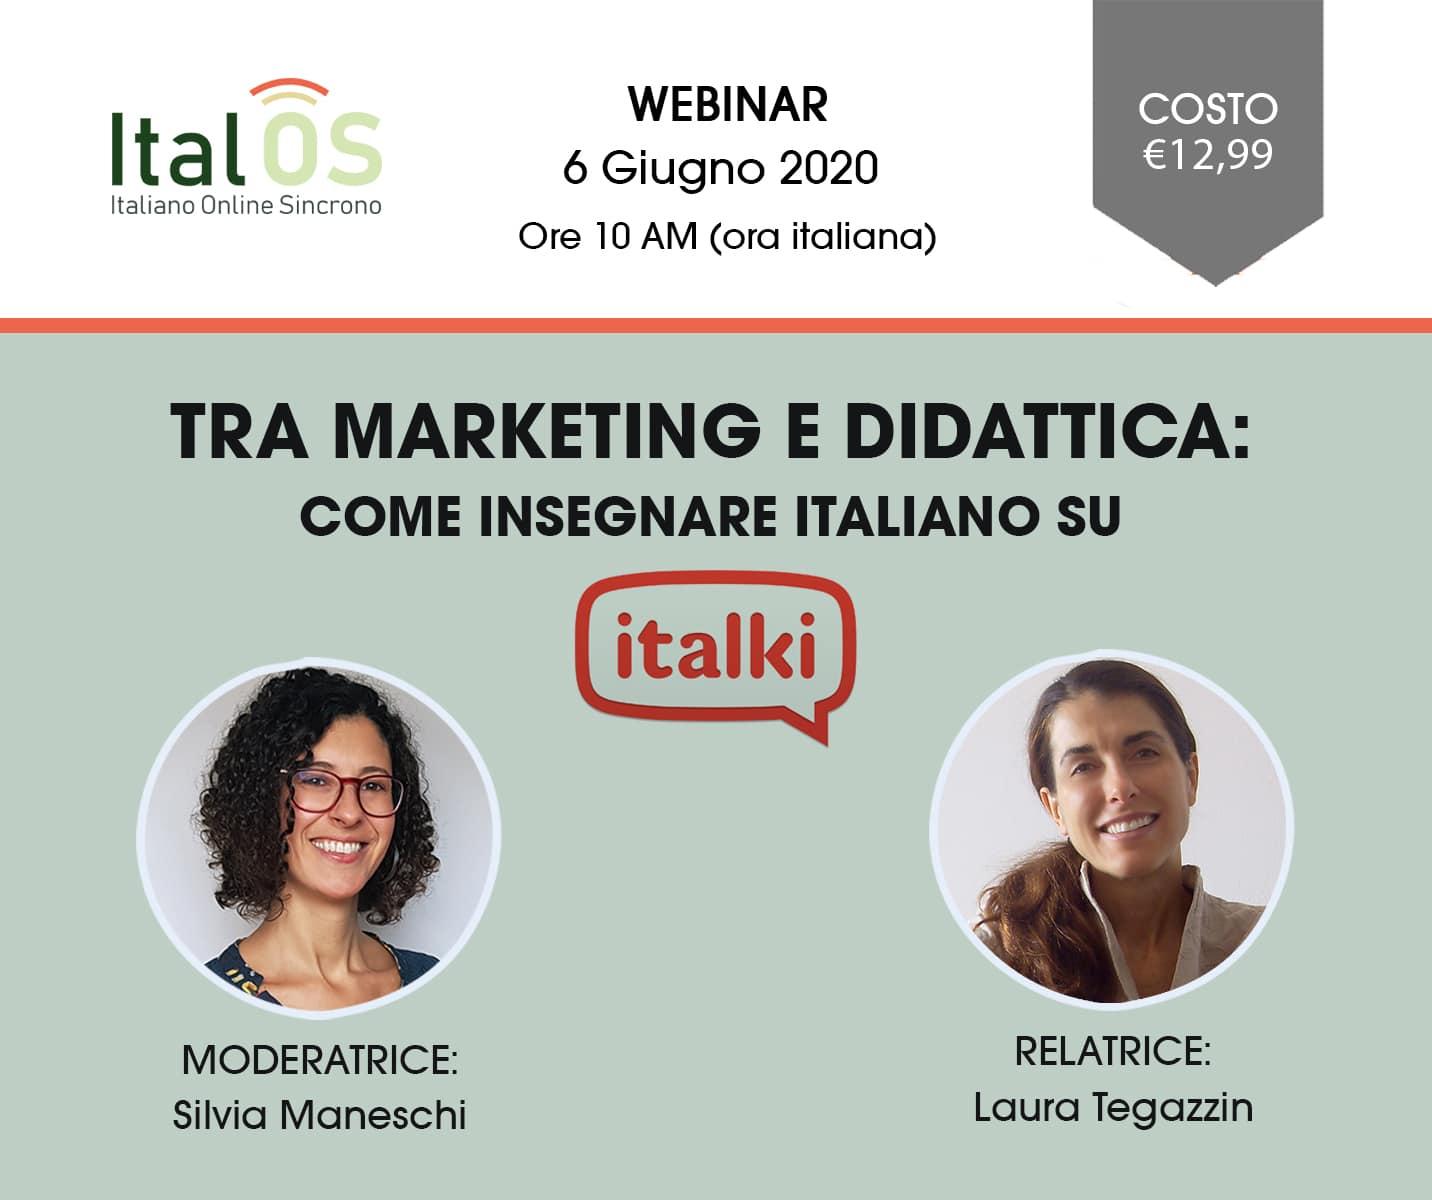 Webinar-Italki